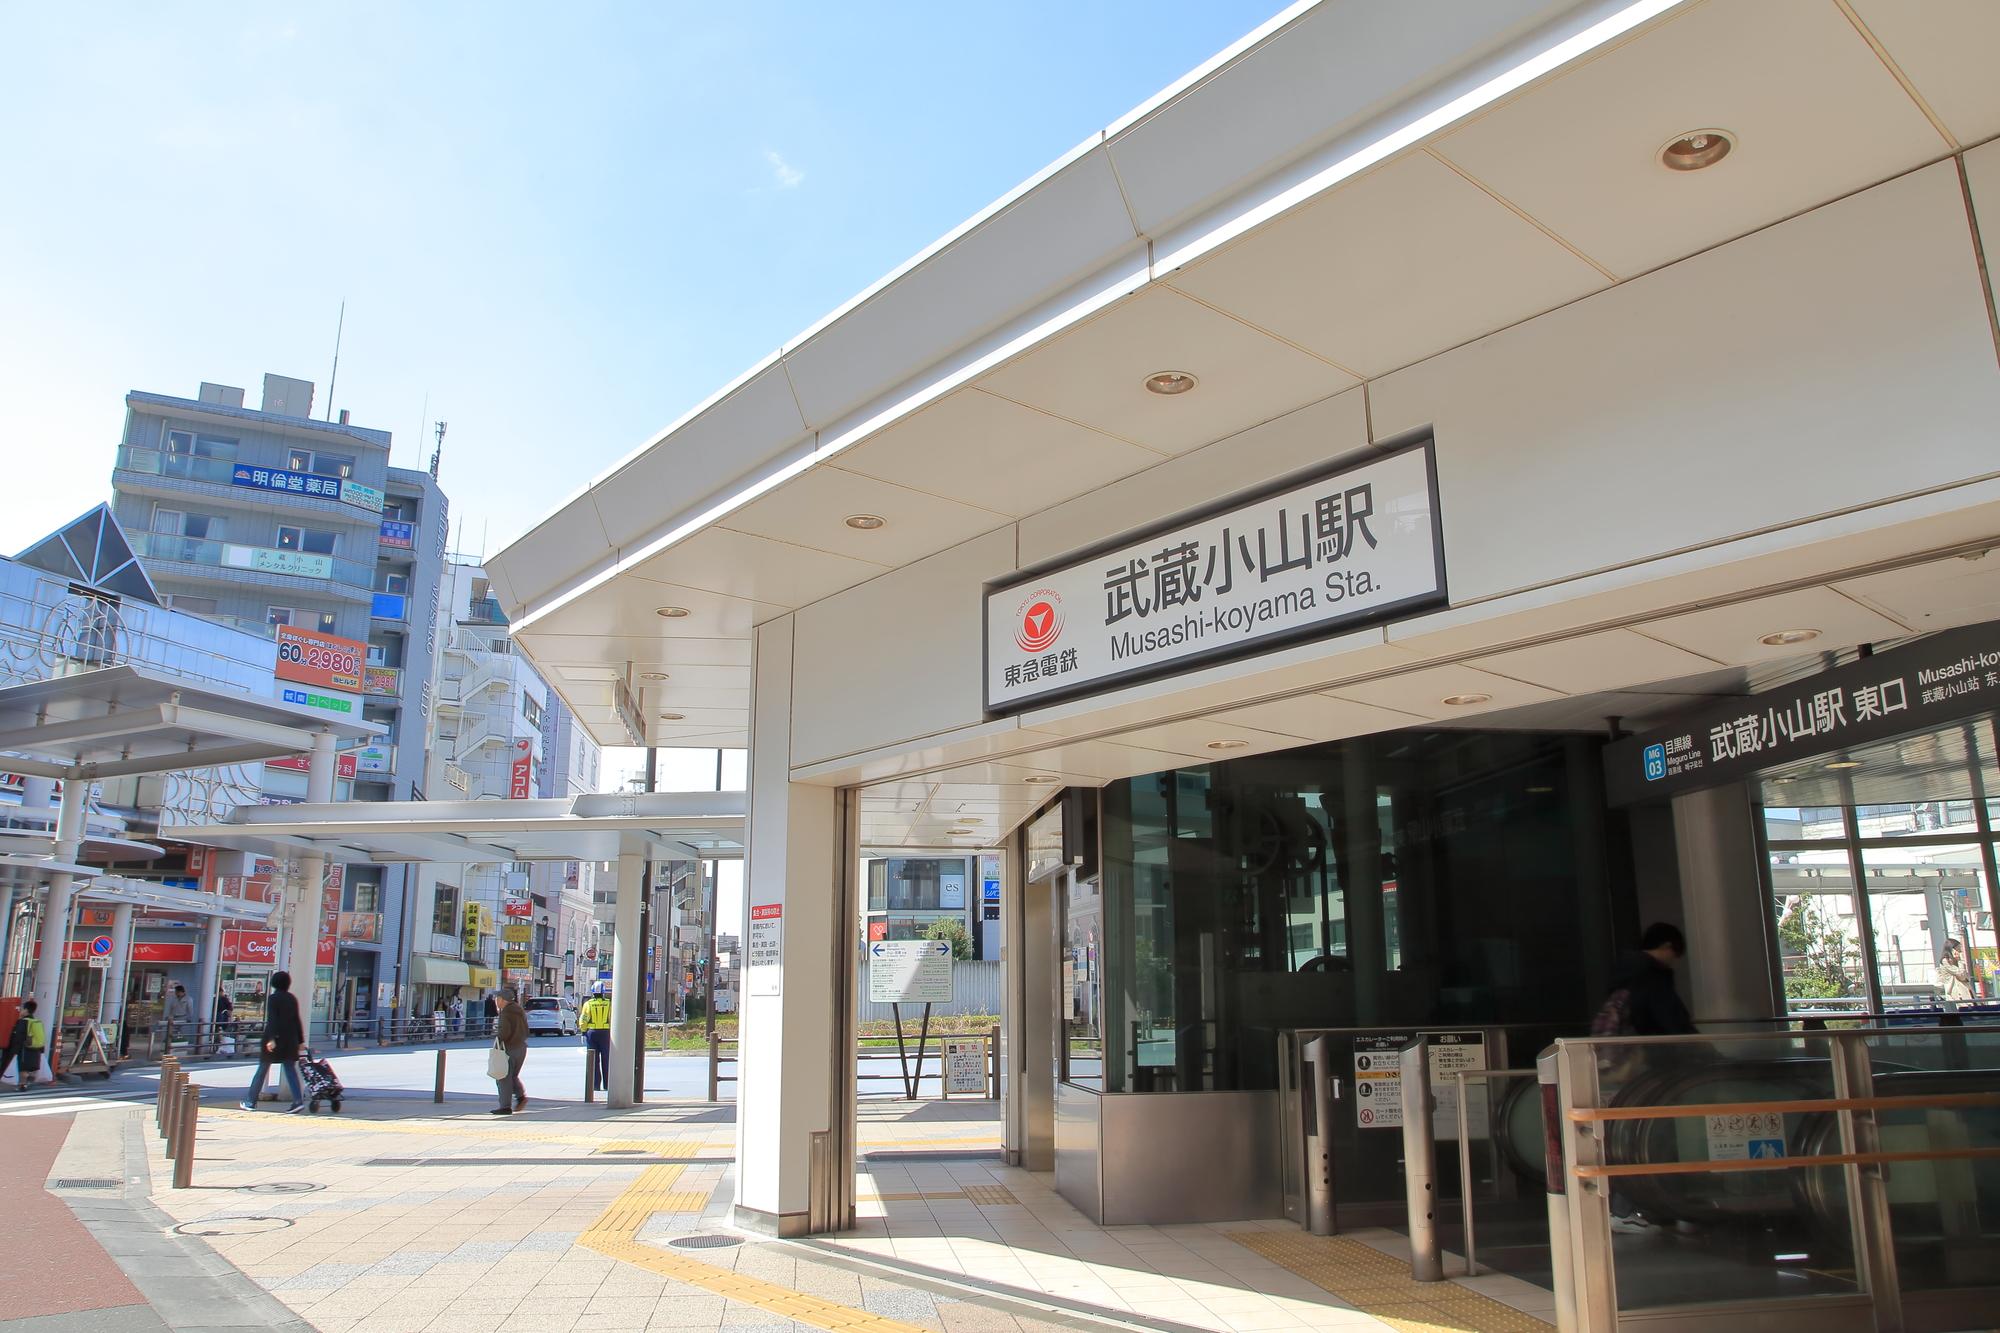 日曜に通院したい方へ!武蔵小山駅の歯医者さん、おすすめポイント紹介